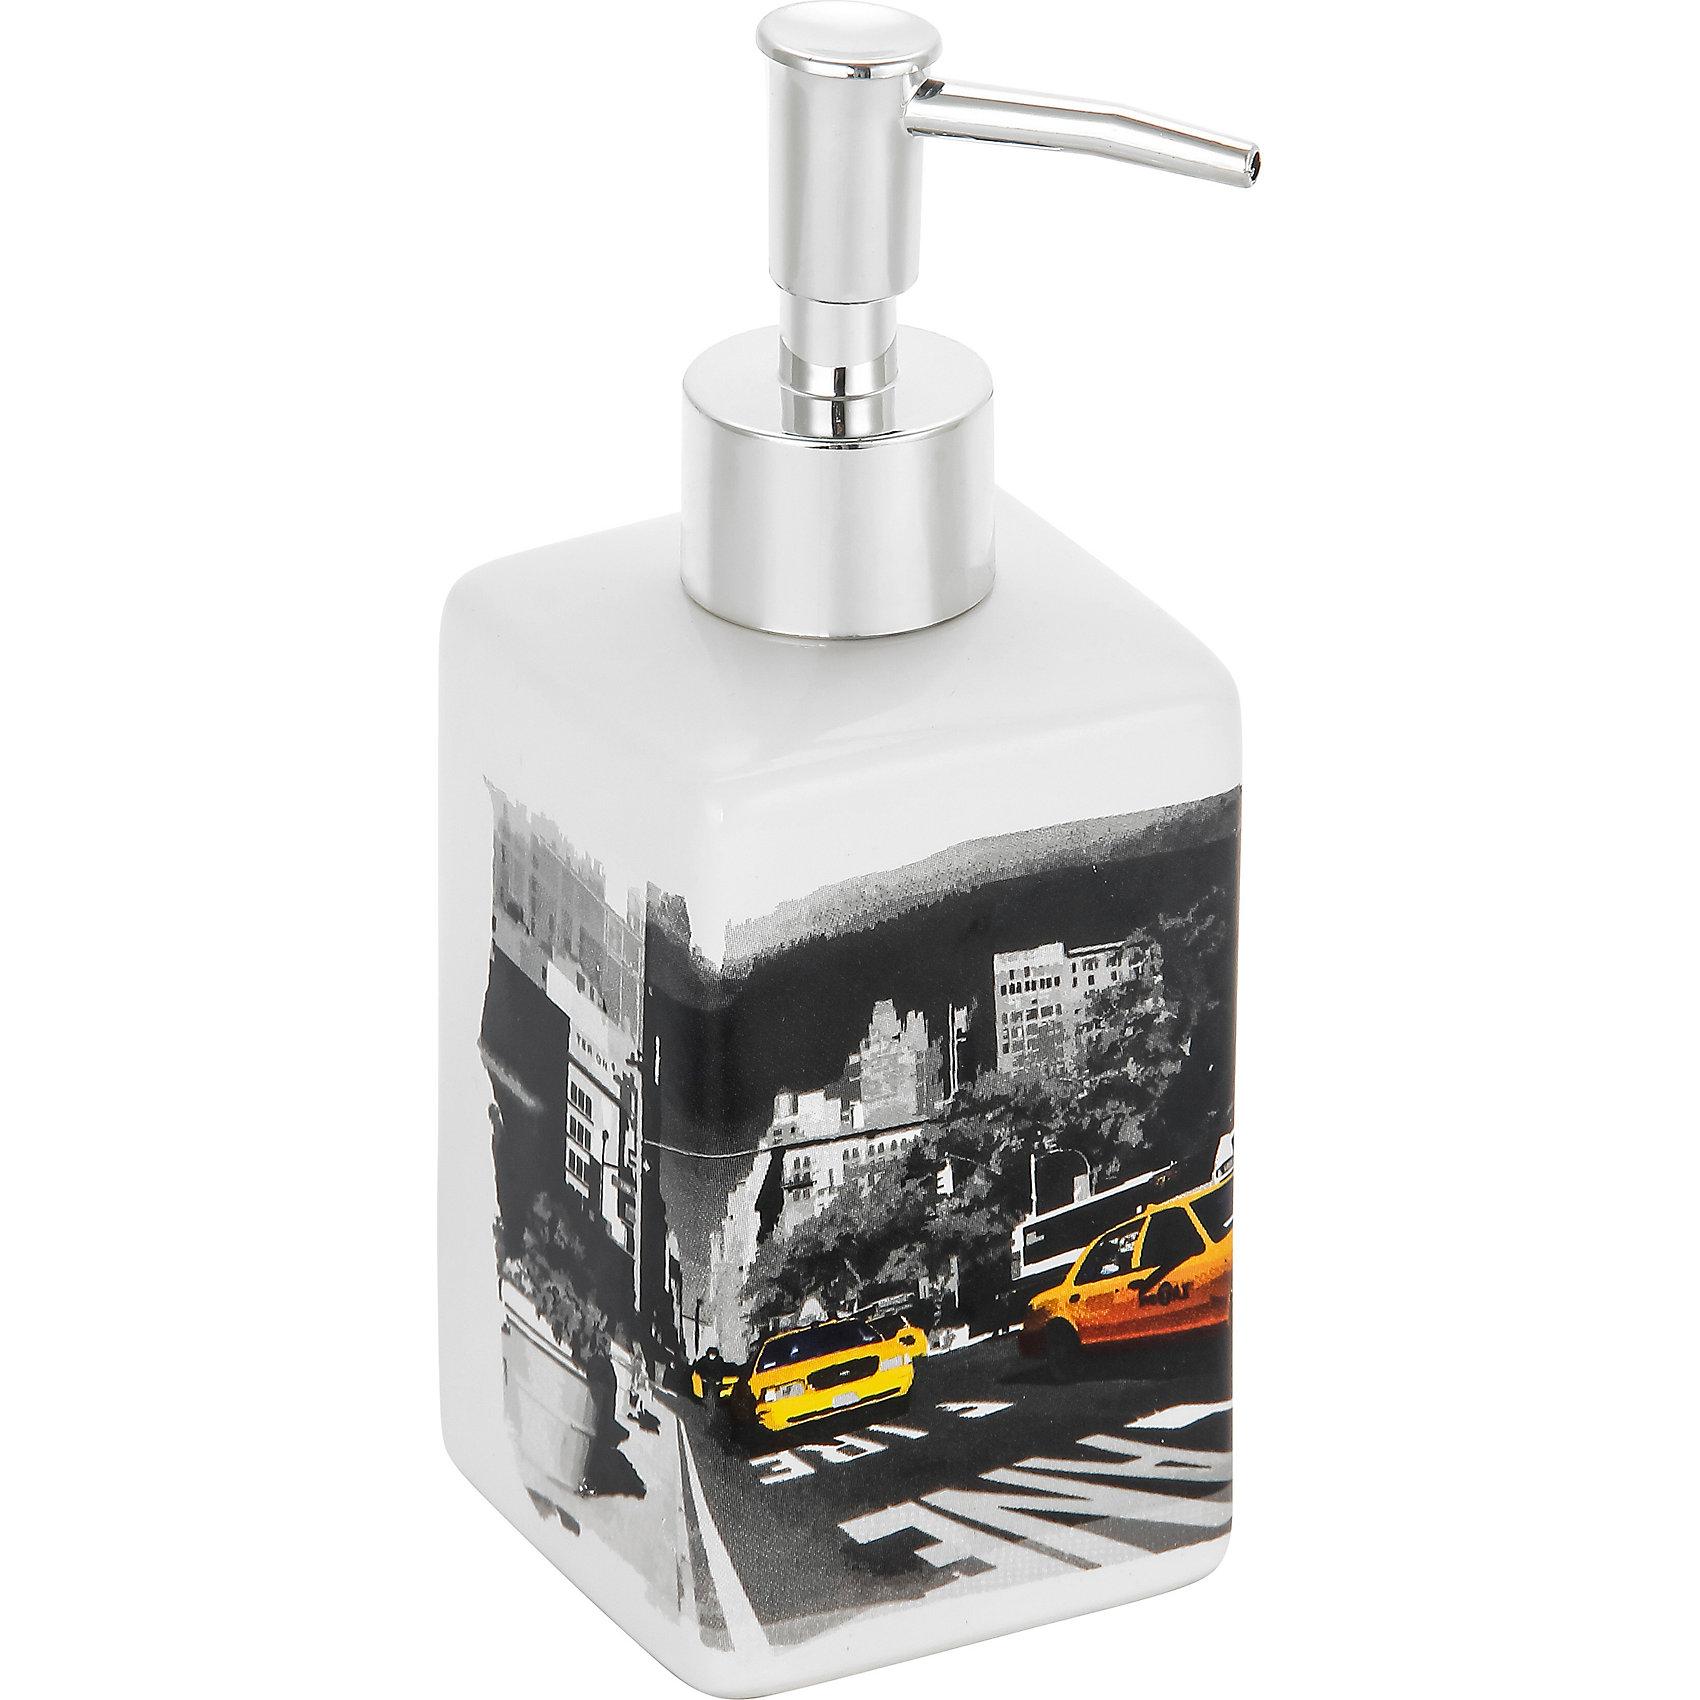 Дозатор для жидкого мыла Нью-Йорк DIS-NY, Рыжий котДозатор для жидкого мыла Нью-Йорк DIS-NY, Рыжий кот<br><br>Характеристики:<br><br>• приятный дизайн<br>• удобный дозатор<br>• материал: керамика<br>• объем: 250 мл<br>• размер: 6,6х6,6х17 см<br><br>Дозатор Нью-Йорк изготовлен из керамики с изображением улицы Нью-Йорка. Дозатор имеет удобную форму и очень прост в применении. Объем дозатора составляет 250 мл. Дозатор Нью-Йорк займет достойное место в вашей ванной комнате!<br><br>Дозатор для жидкого мыла Нью-Йорк DIS-NY, Рыжий кот вы можете купить в нашем интернет-магазине.<br><br>Ширина мм: 80<br>Глубина мм: 80<br>Высота мм: 180<br>Вес г: 293<br>Возраст от месяцев: 12<br>Возраст до месяцев: 216<br>Пол: Унисекс<br>Возраст: Детский<br>SKU: 5454082